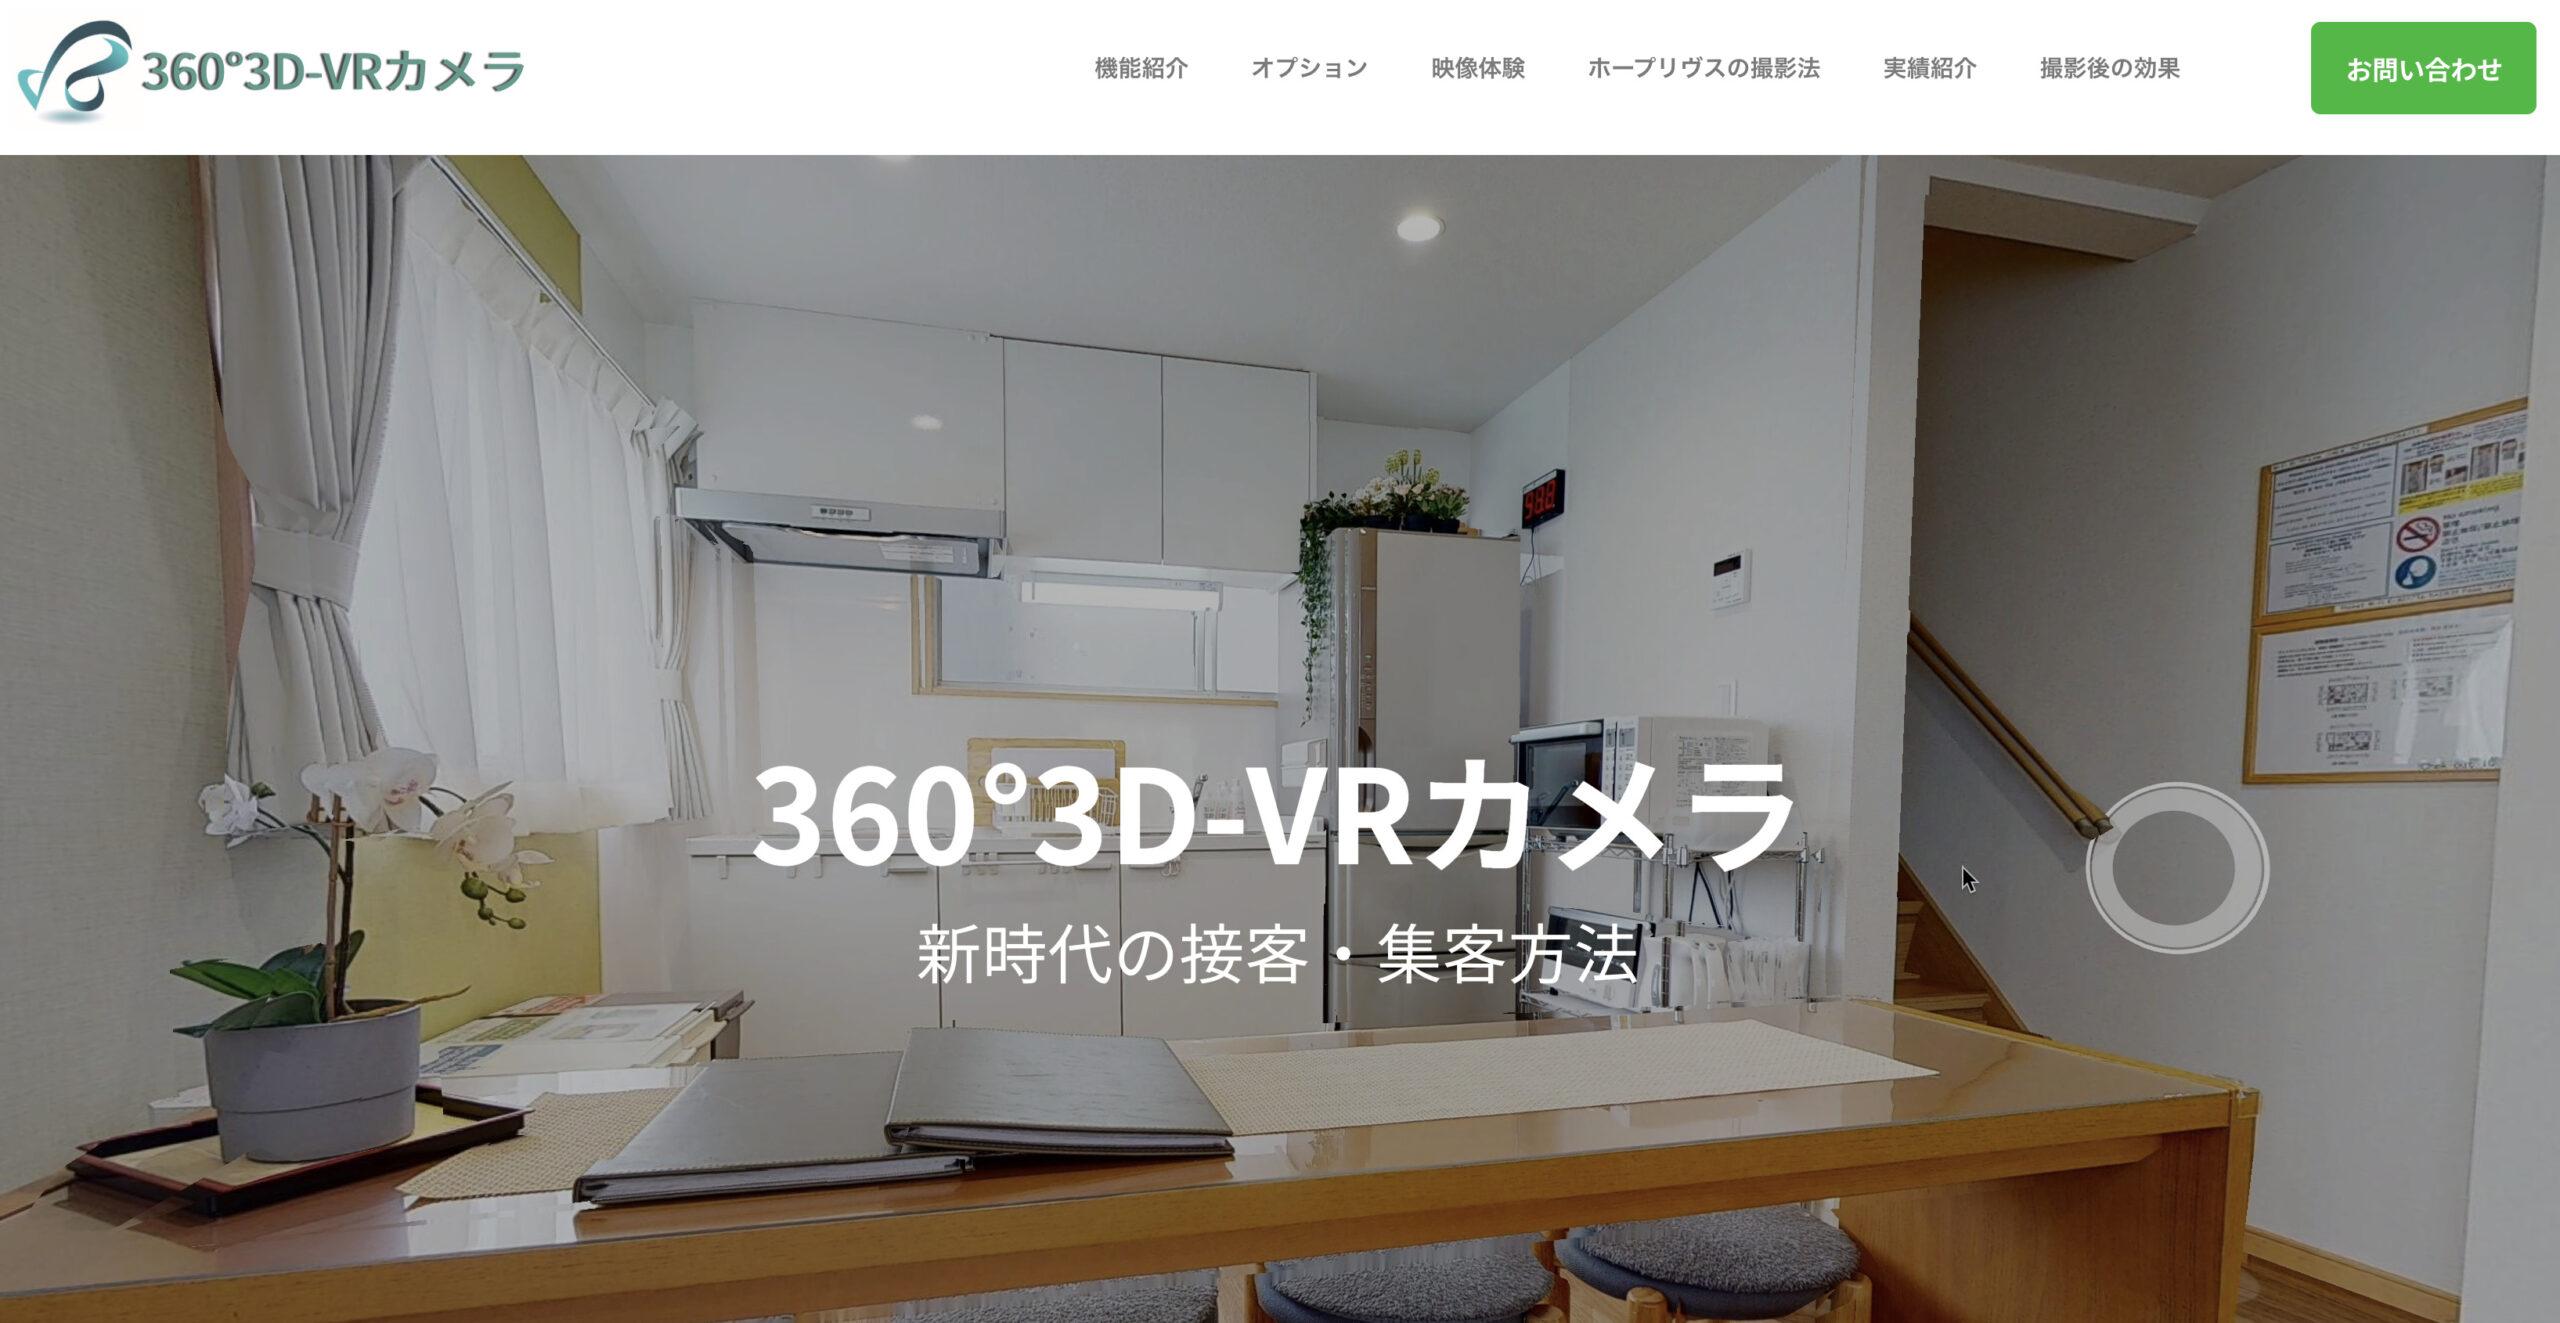 360°3D-VRサービス